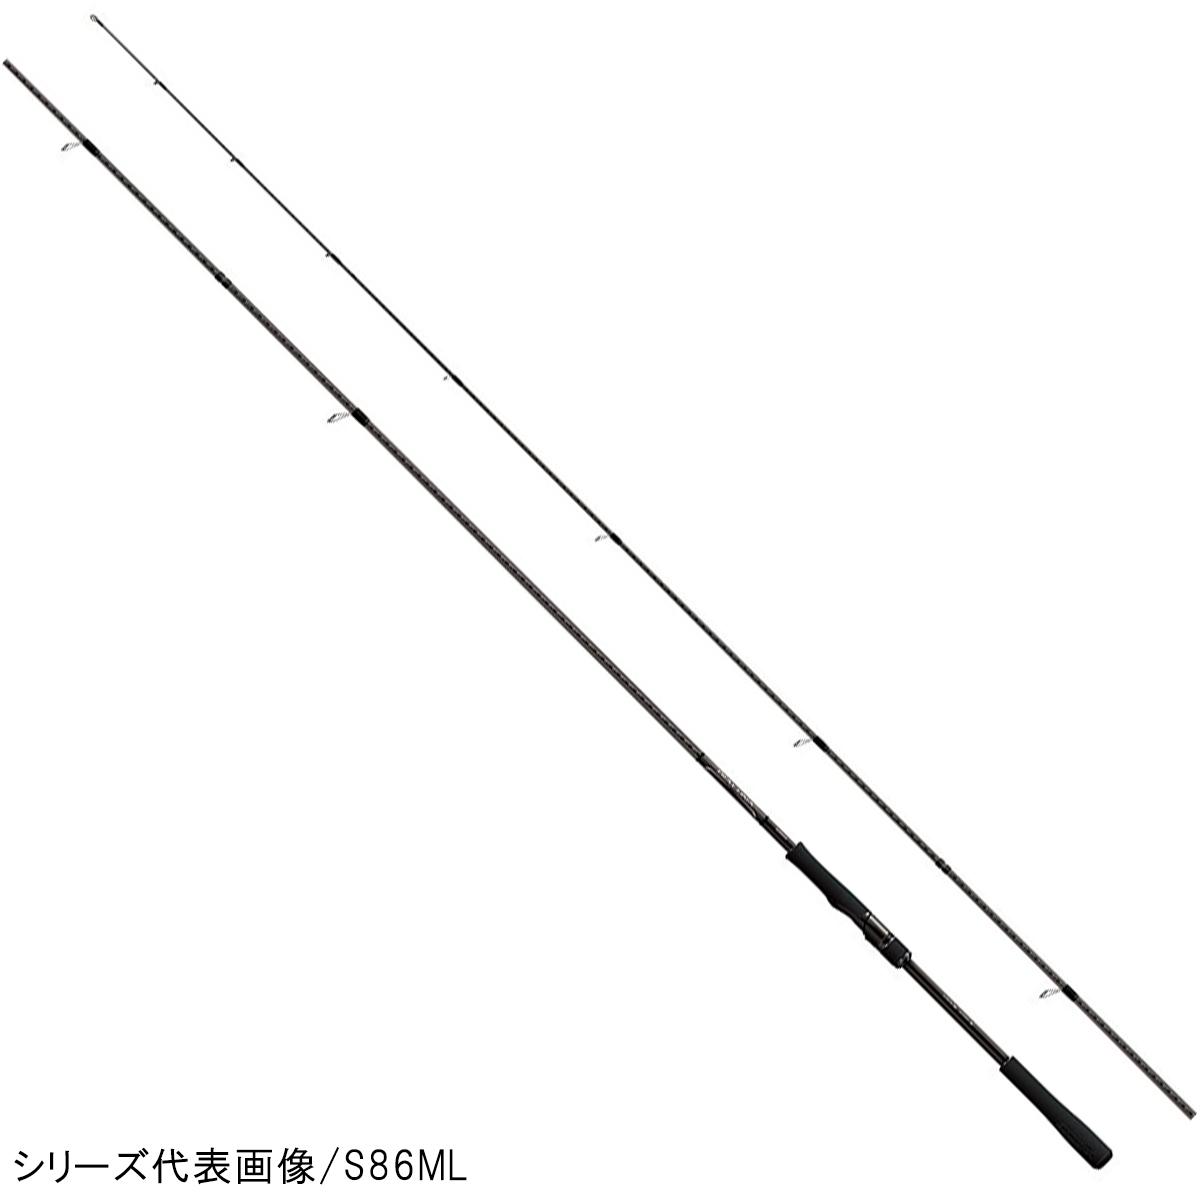 シマノ ディアルーナ (スピニング) S96M【大型商品】【送料無料】